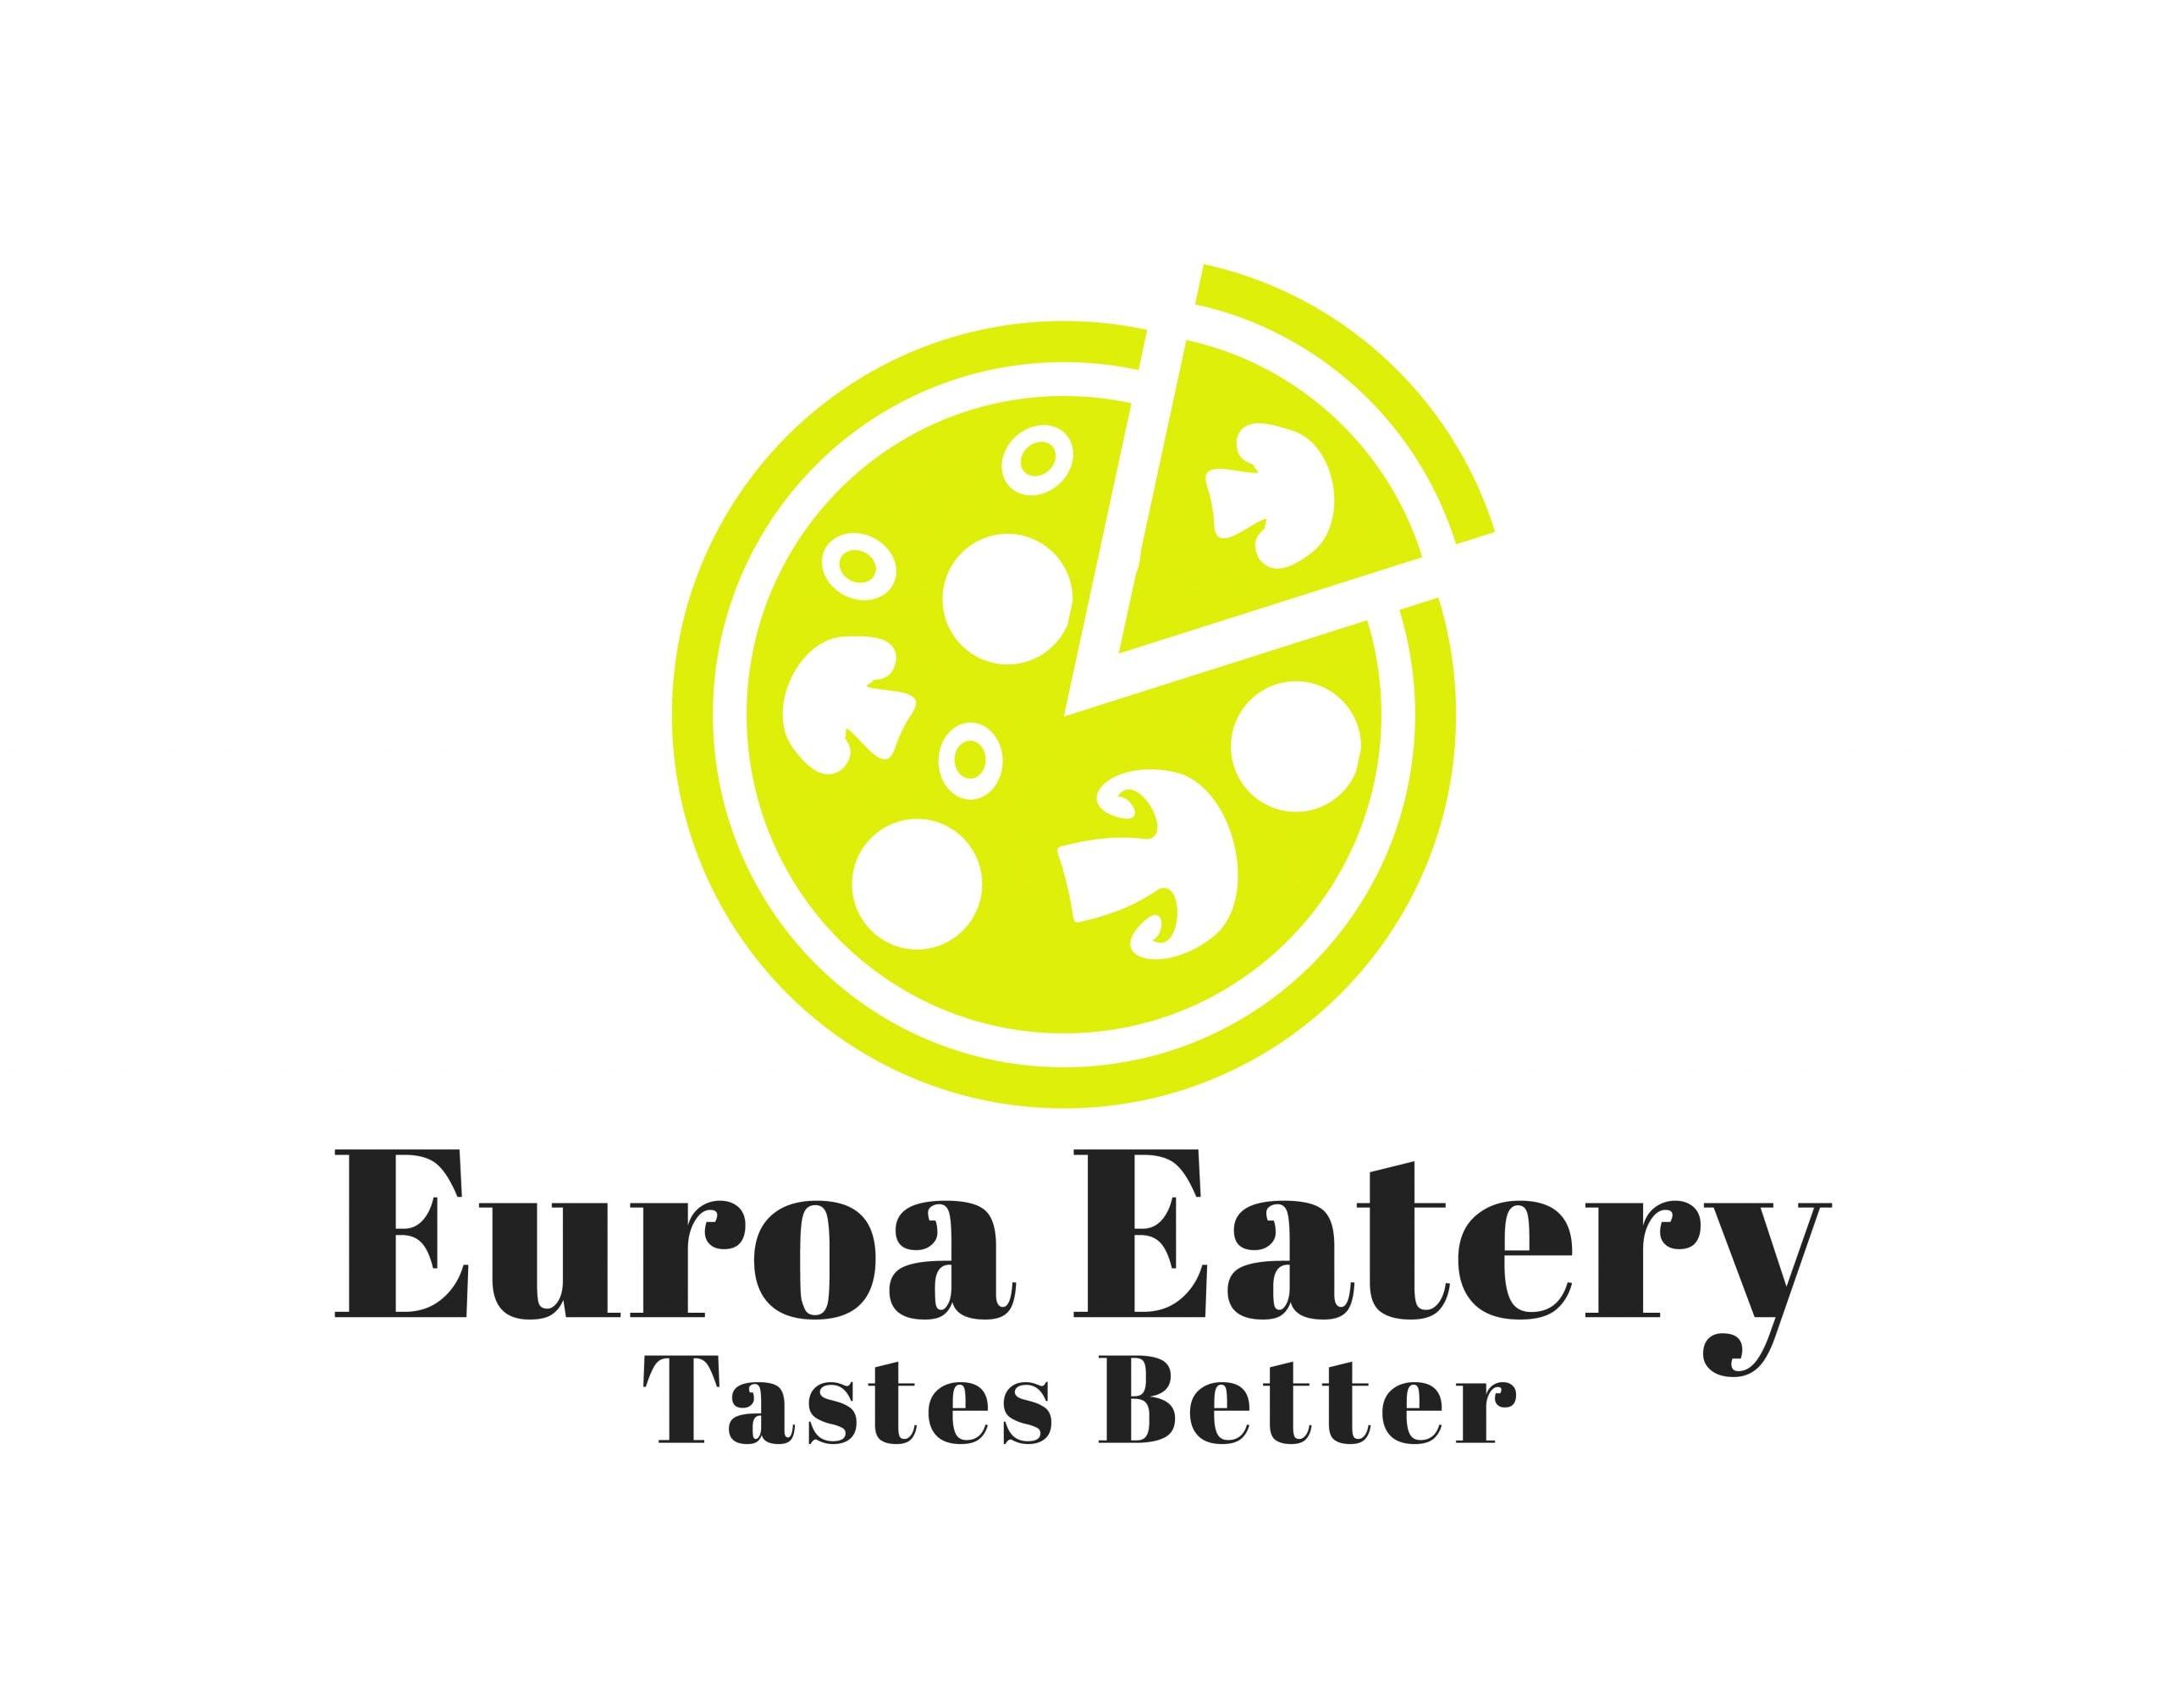 Euroa Eatery-01